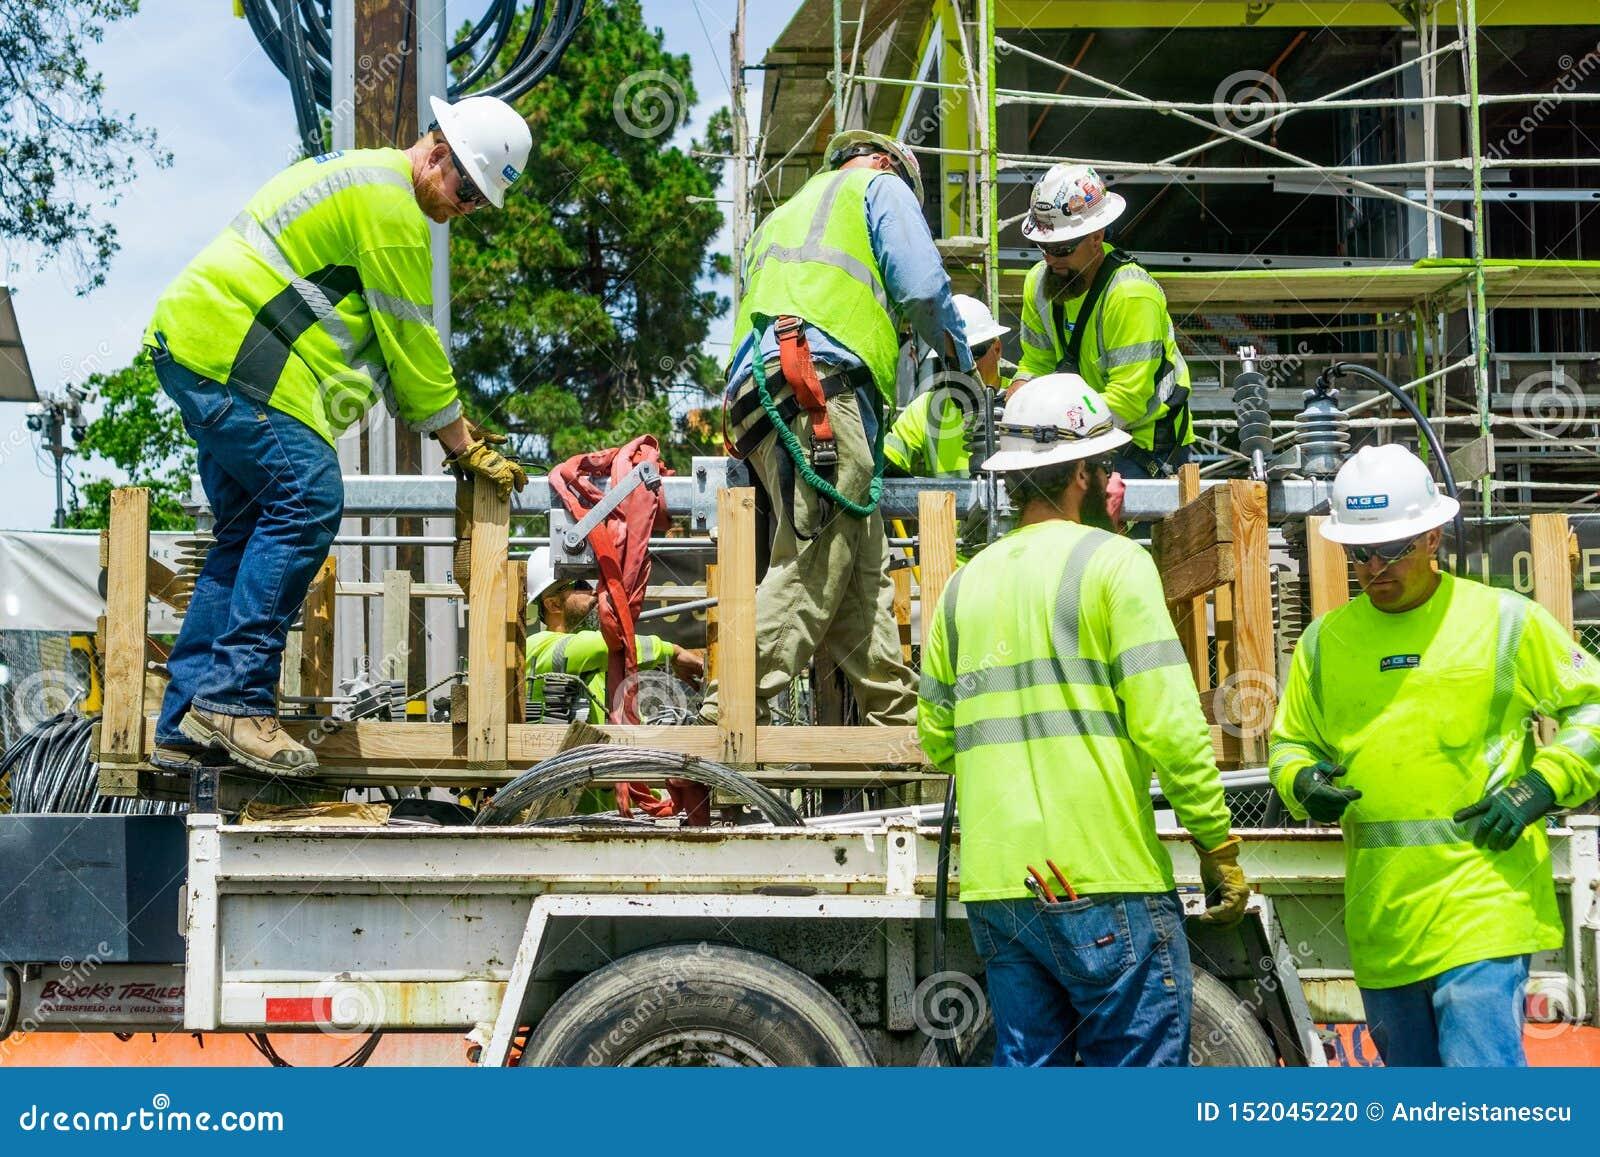 Juni 24, 2019 Mountain View/CA/de V.S. - Team van bouwvakkers die heldere gele vesten en bouwvakkers dragen